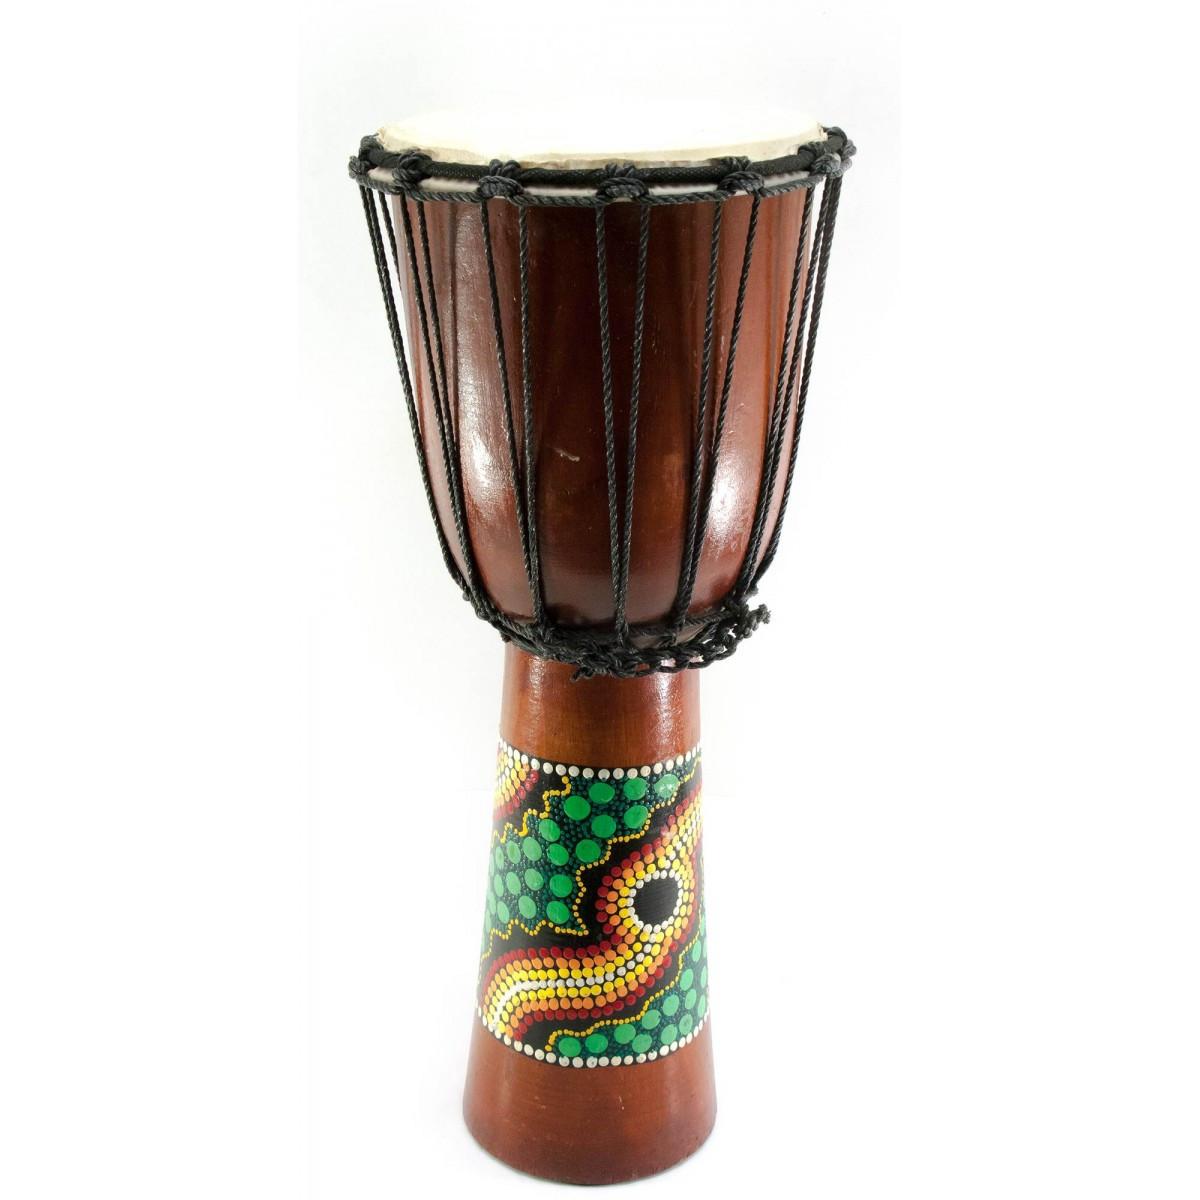 Барабан джембе расписной дерево с кожей черный 50х22х22 см 30189